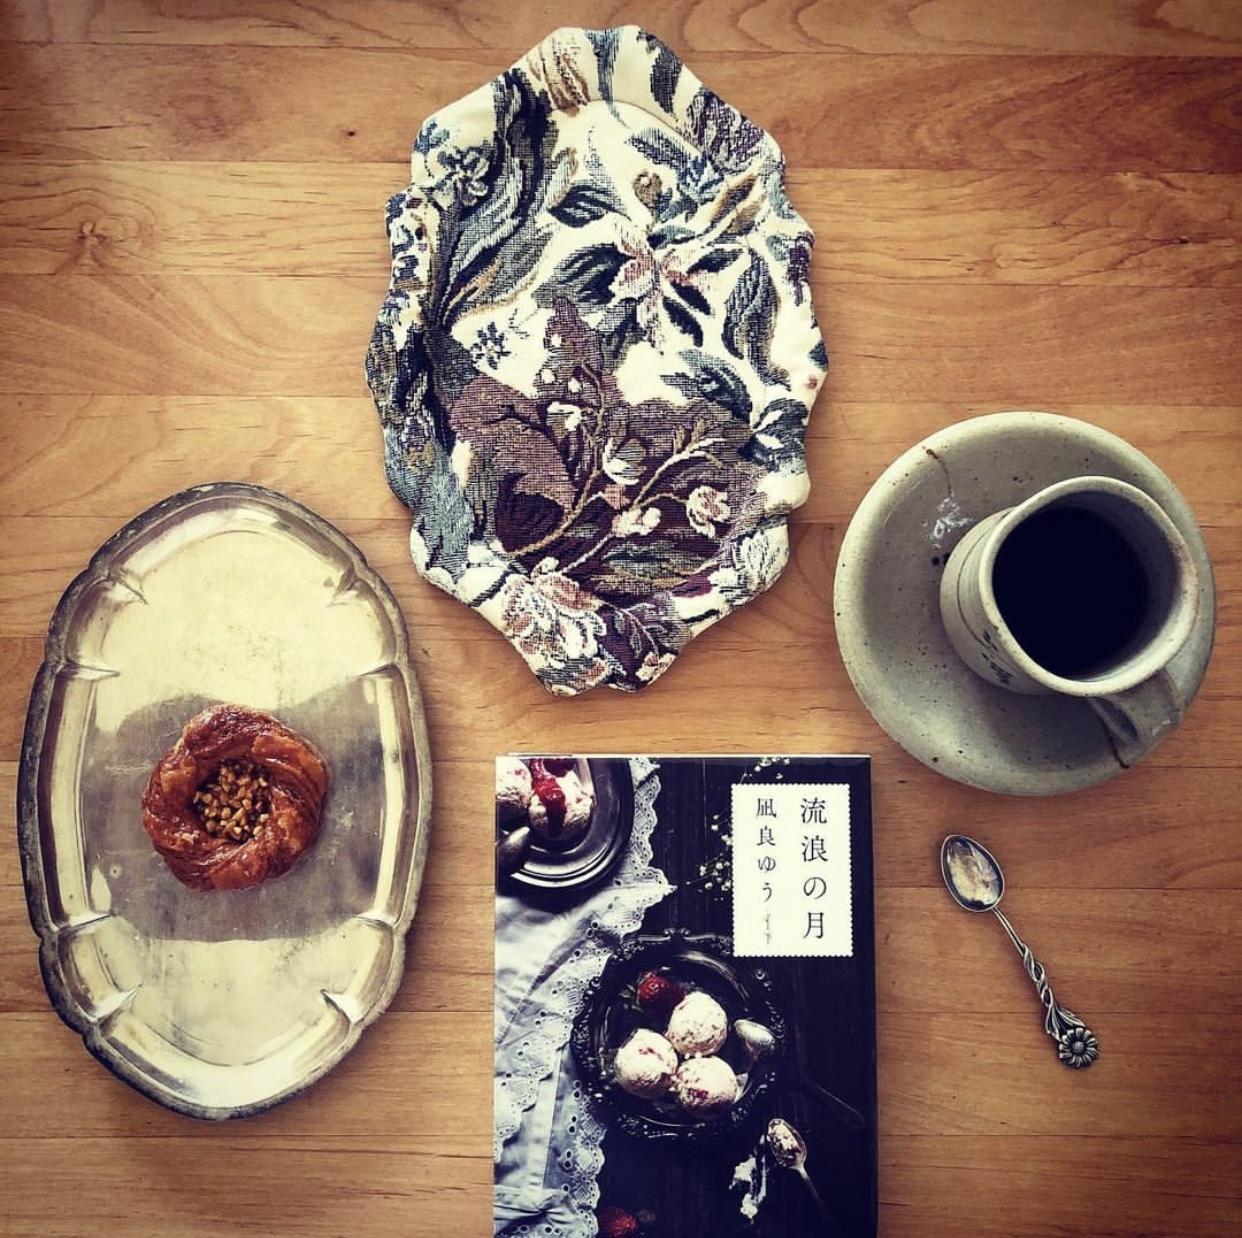 お菓子時間の布小物 〜おやつマット編_1_4